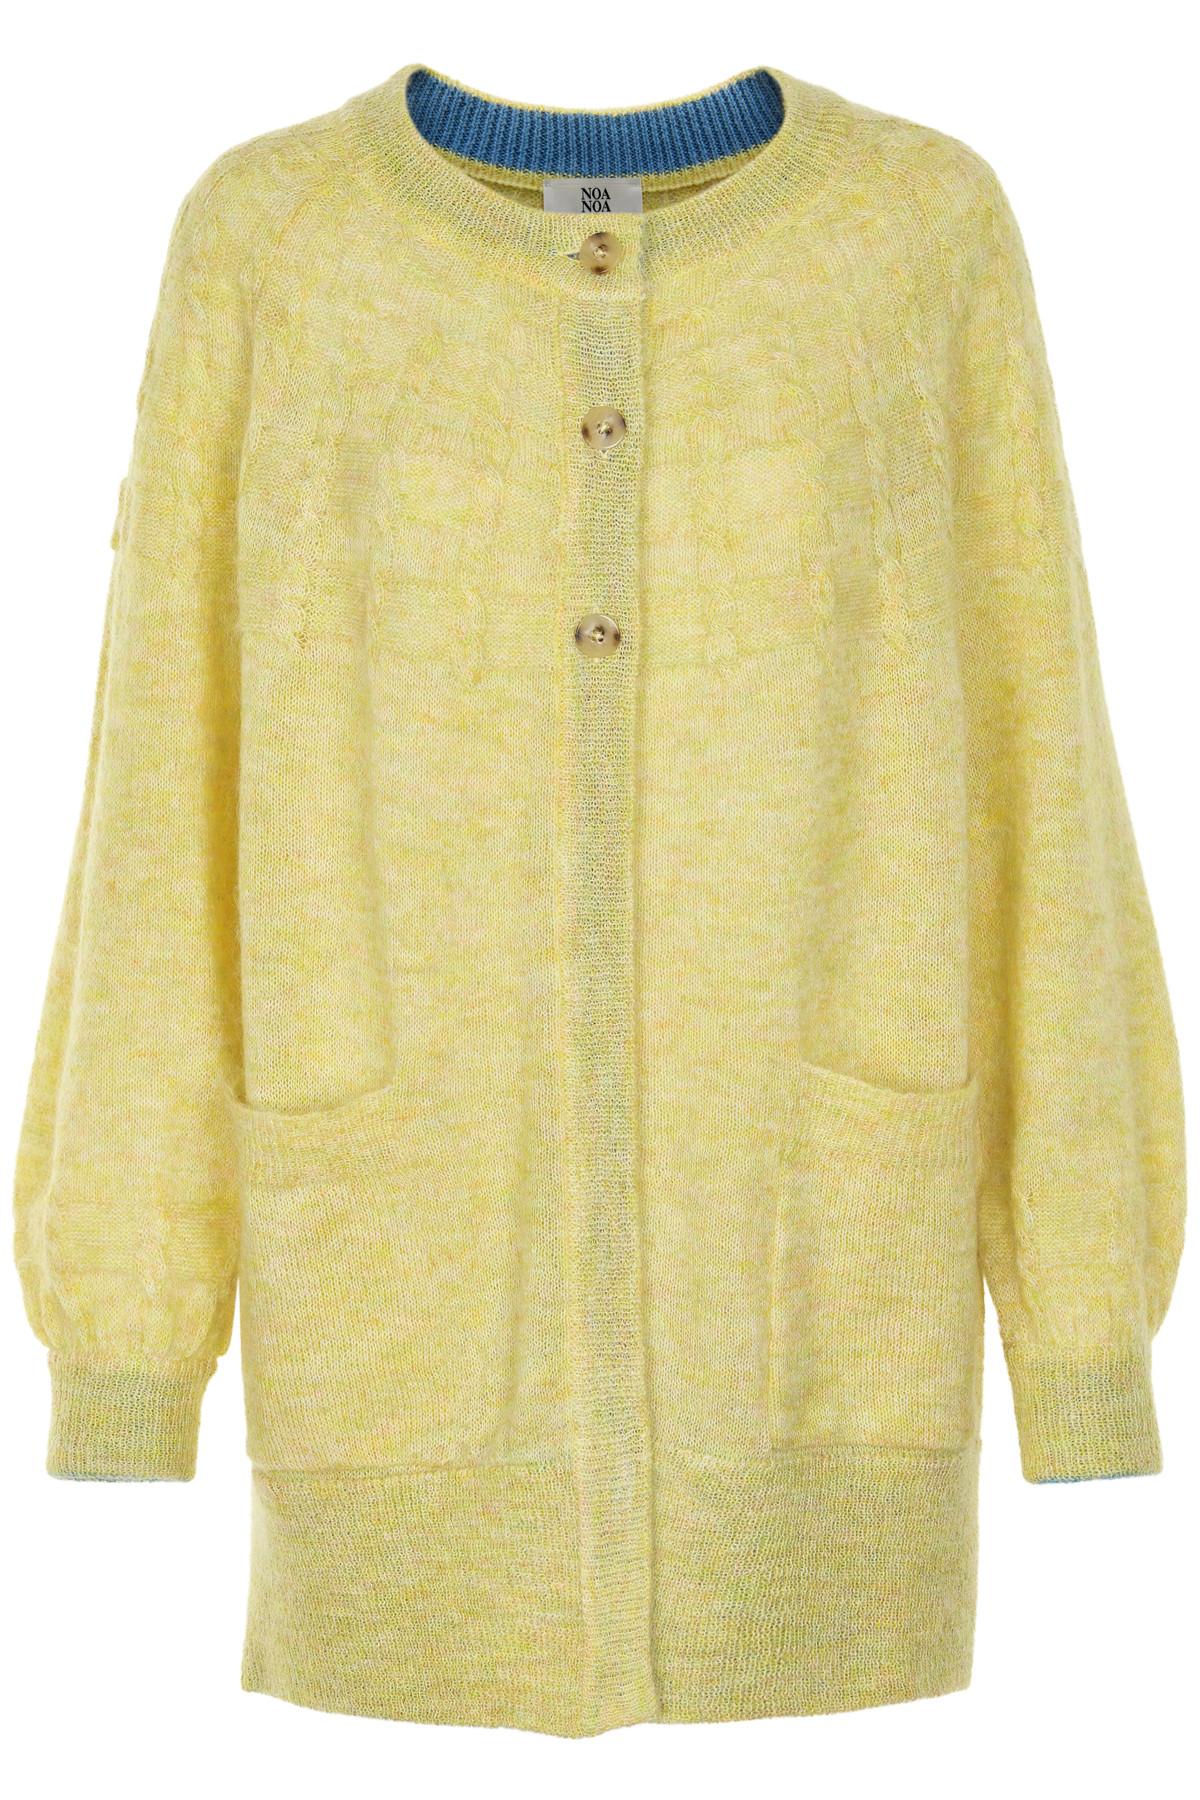 Image of   NOA NOA CARDIGAN 1-9612-1 001027 (Yellow, XL)